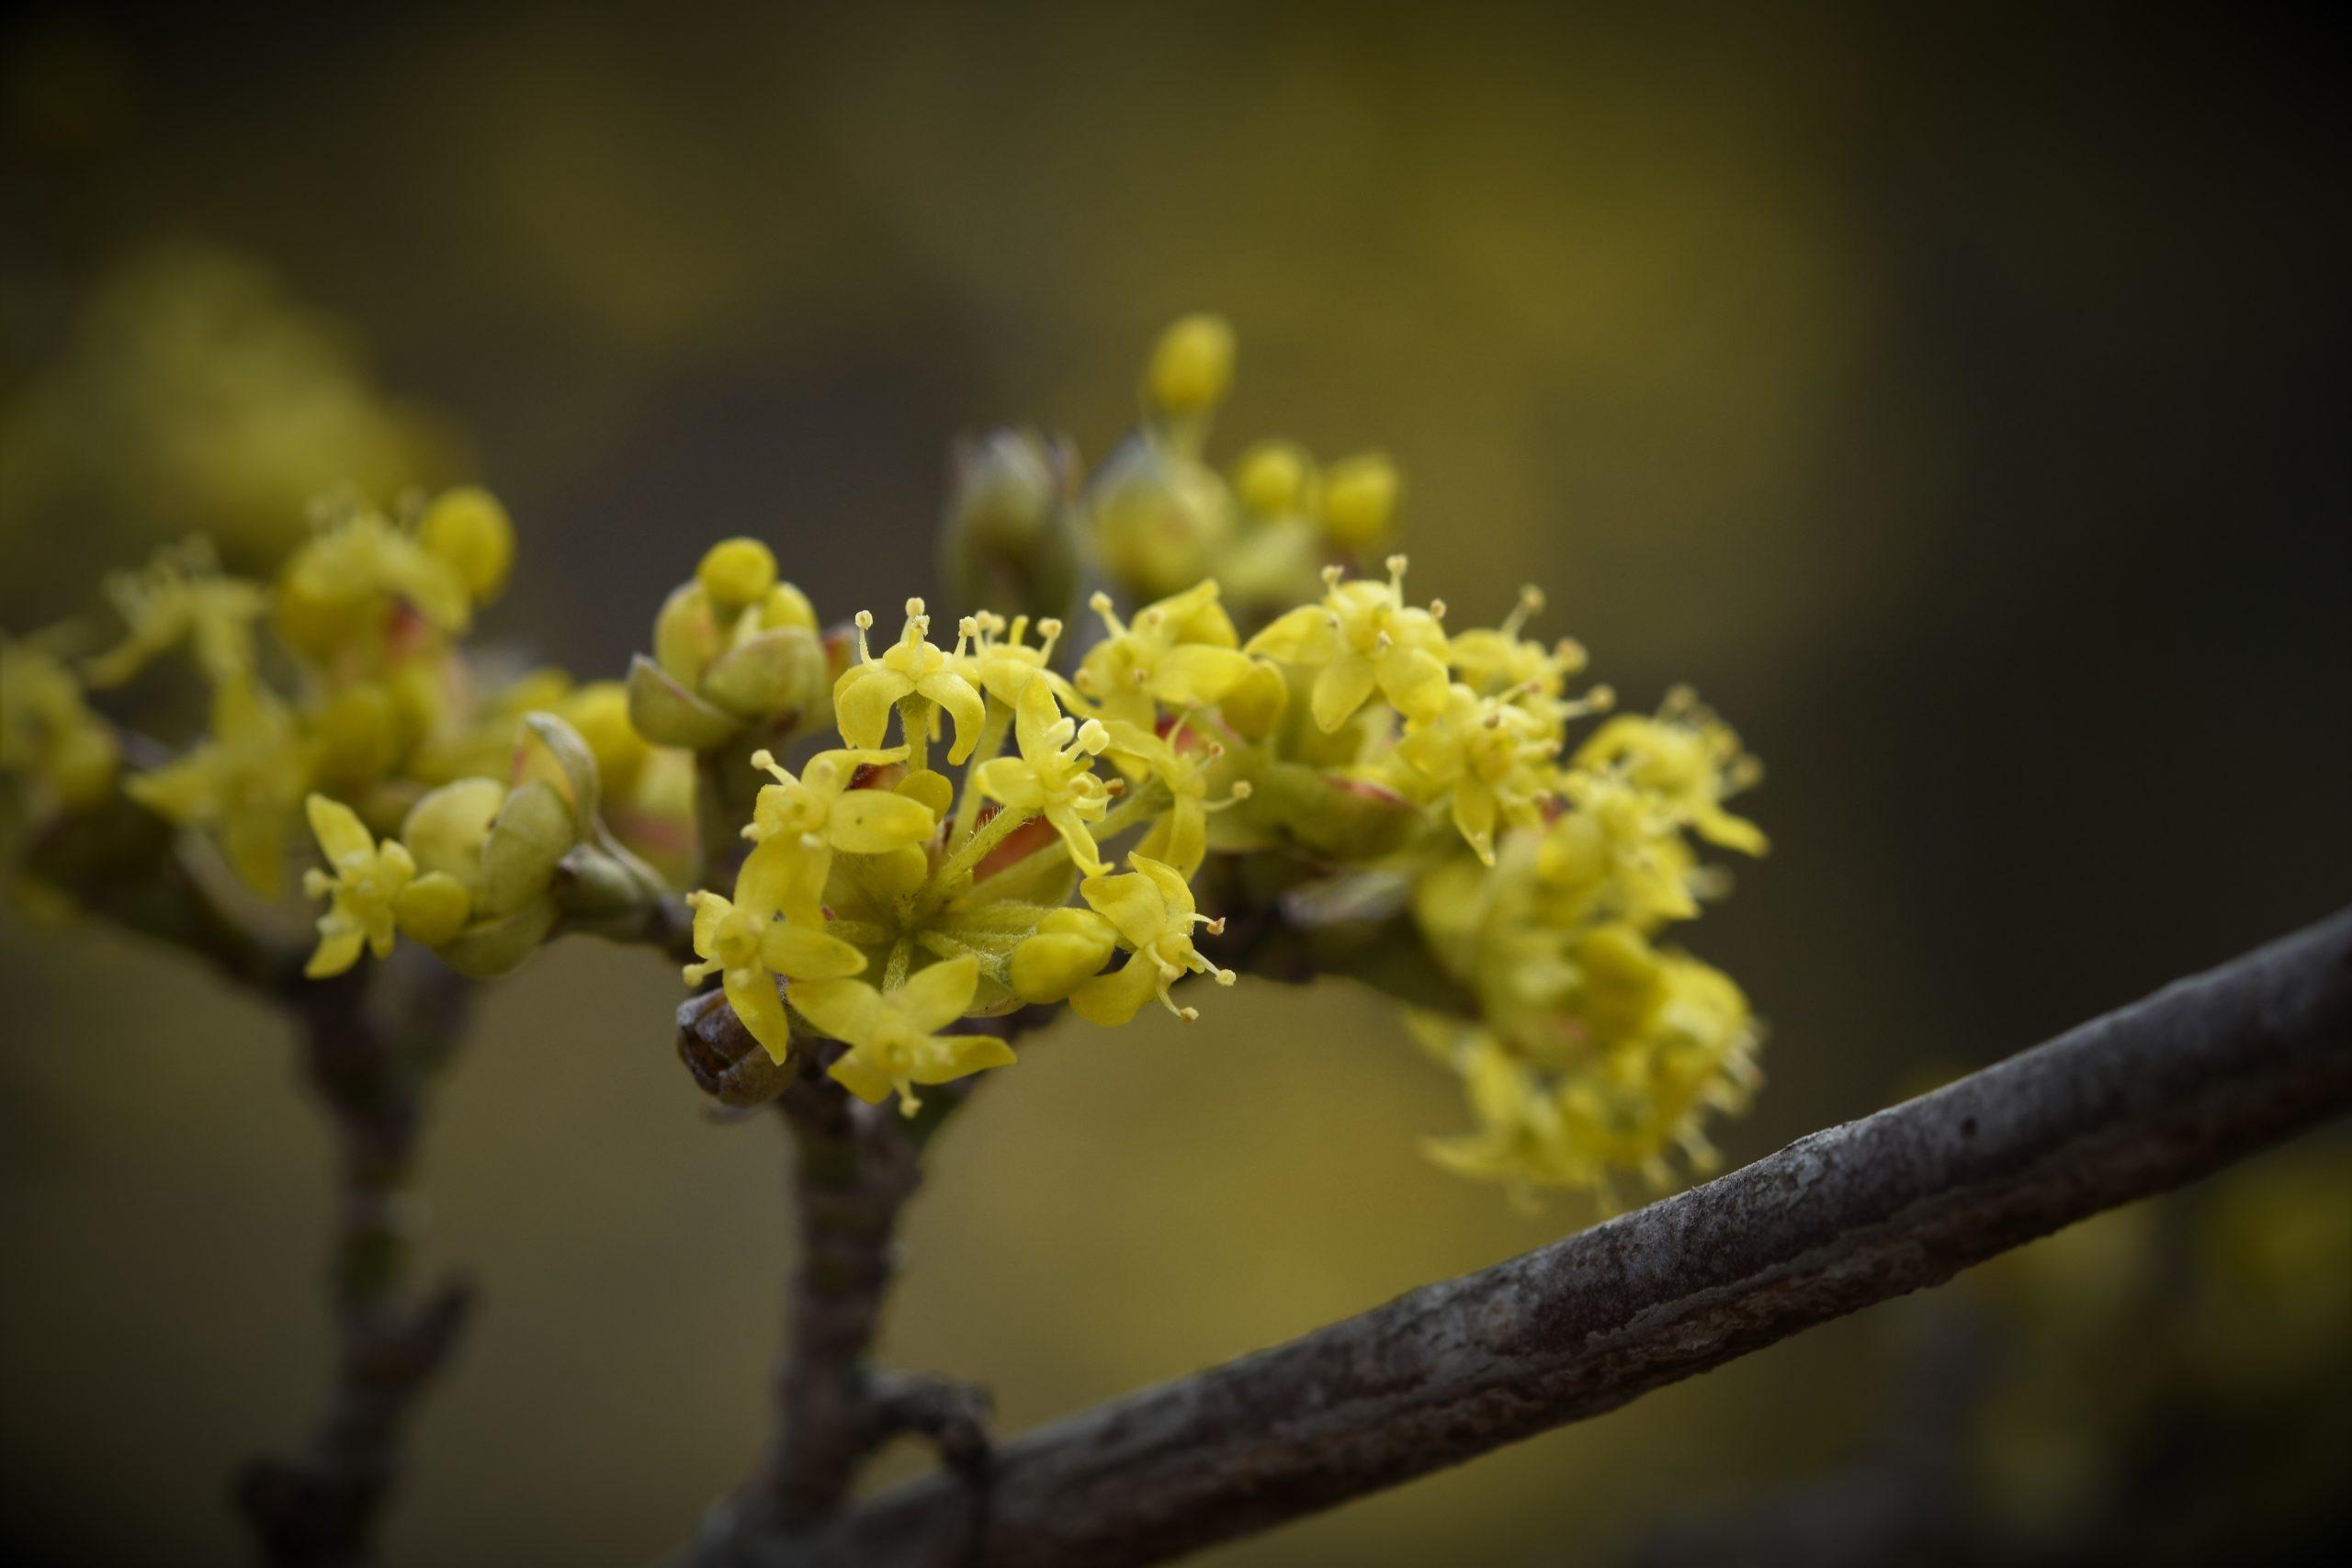 Gelbe Frühblüher - Blüte der Kornelkirsche